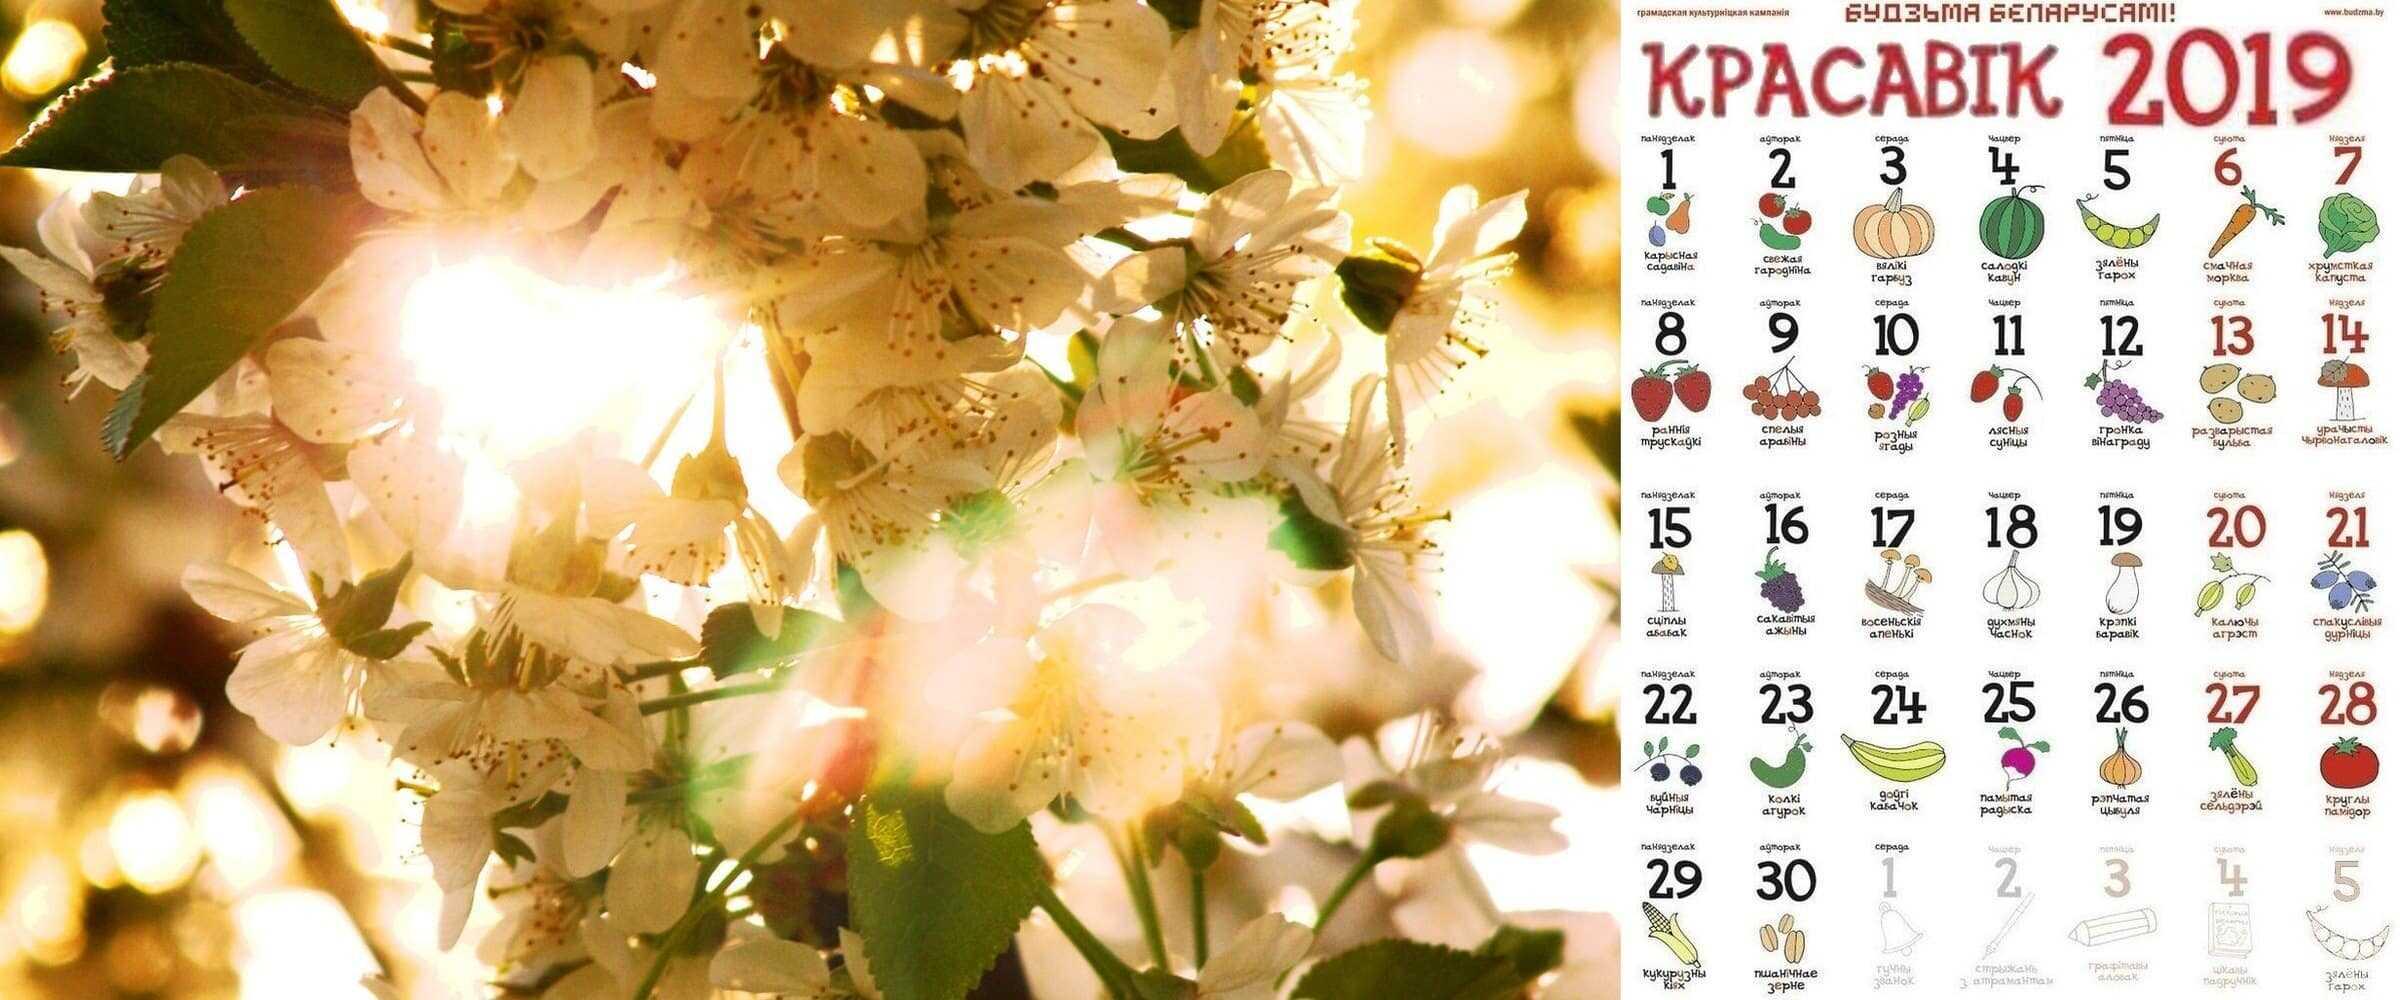 *** Астрологический прогноз – апрель-квітень 2019 ⇐ Тантра-Джйотиш «Ведическая астрология» ***